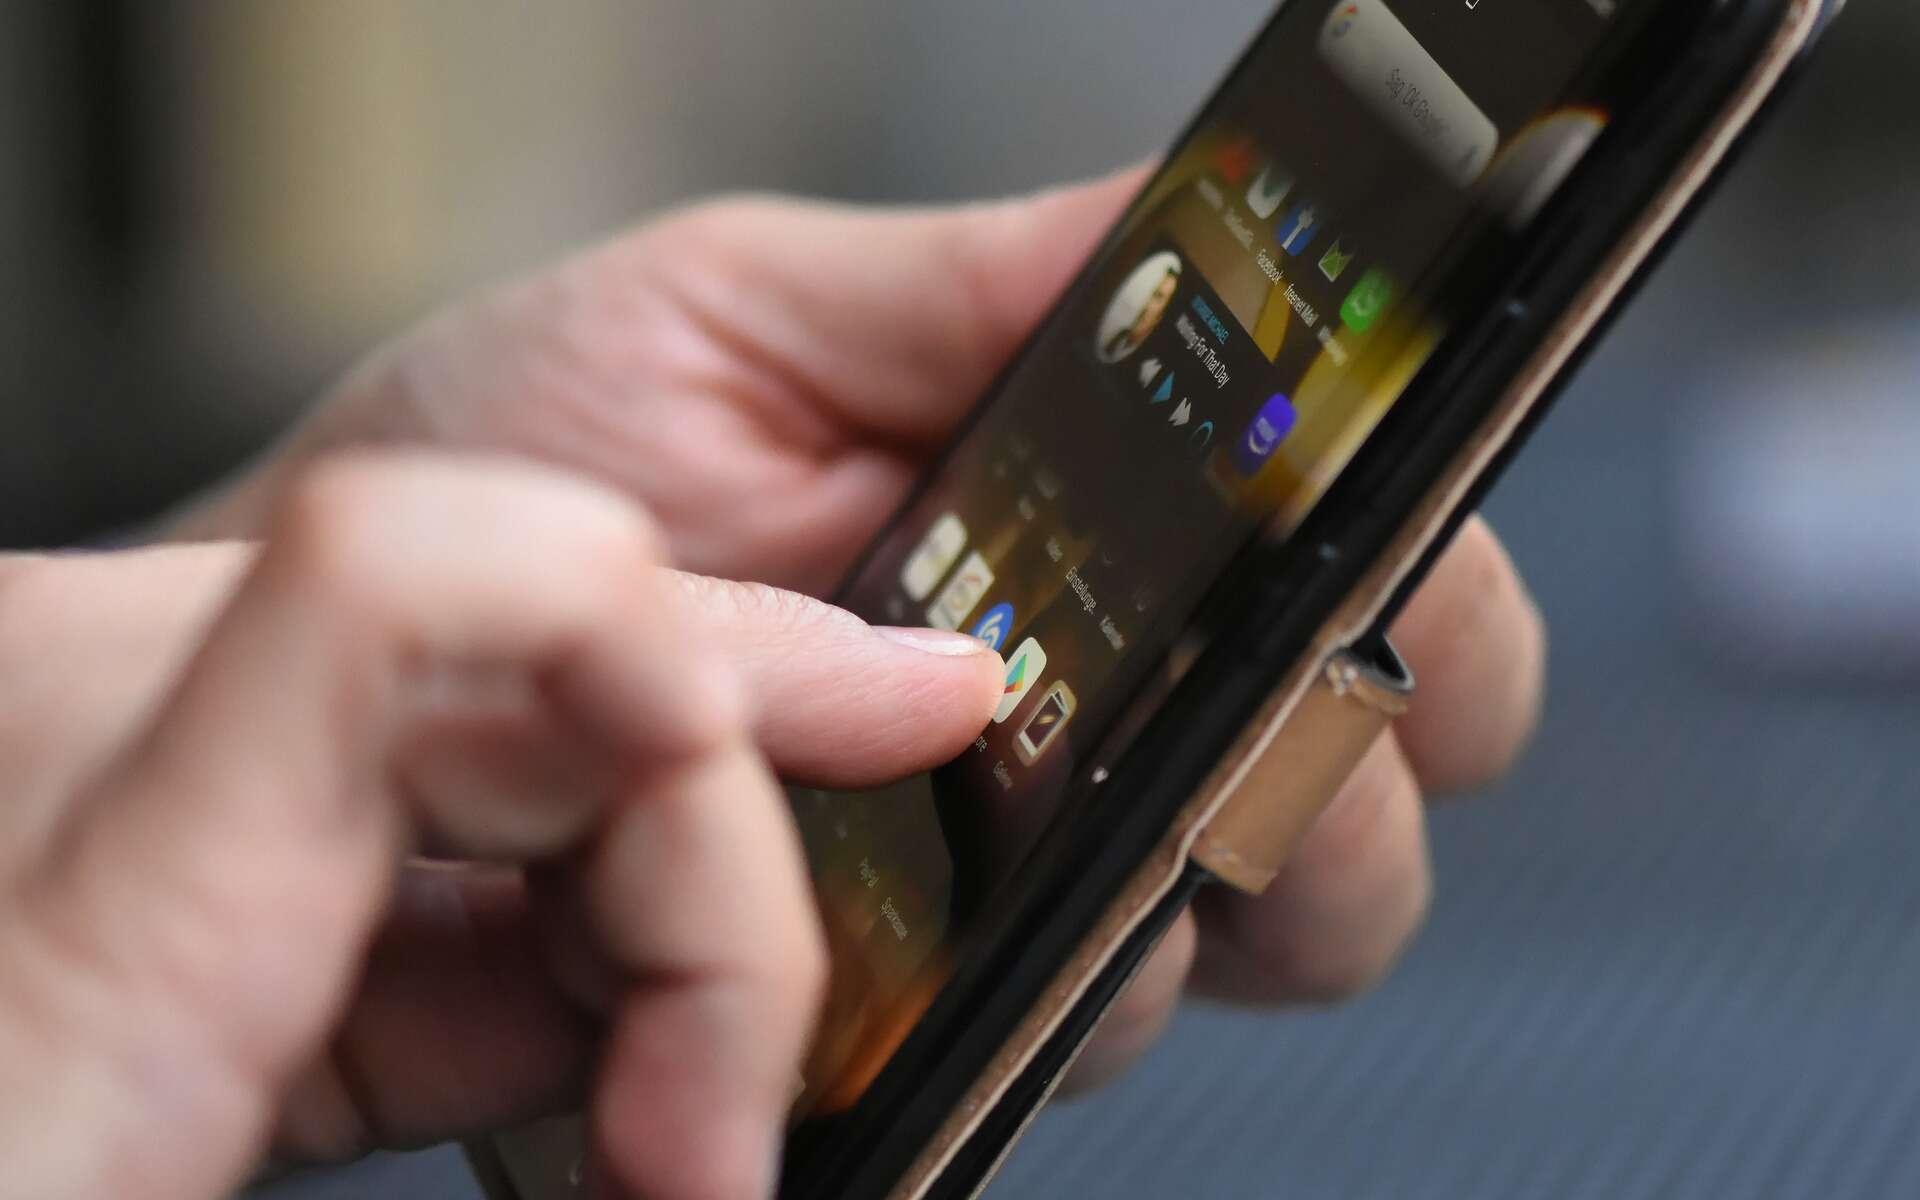 Il faut se méfier des applications qui demandent l'accès à certaines fonctions du smartphone. © Alexas Fotos